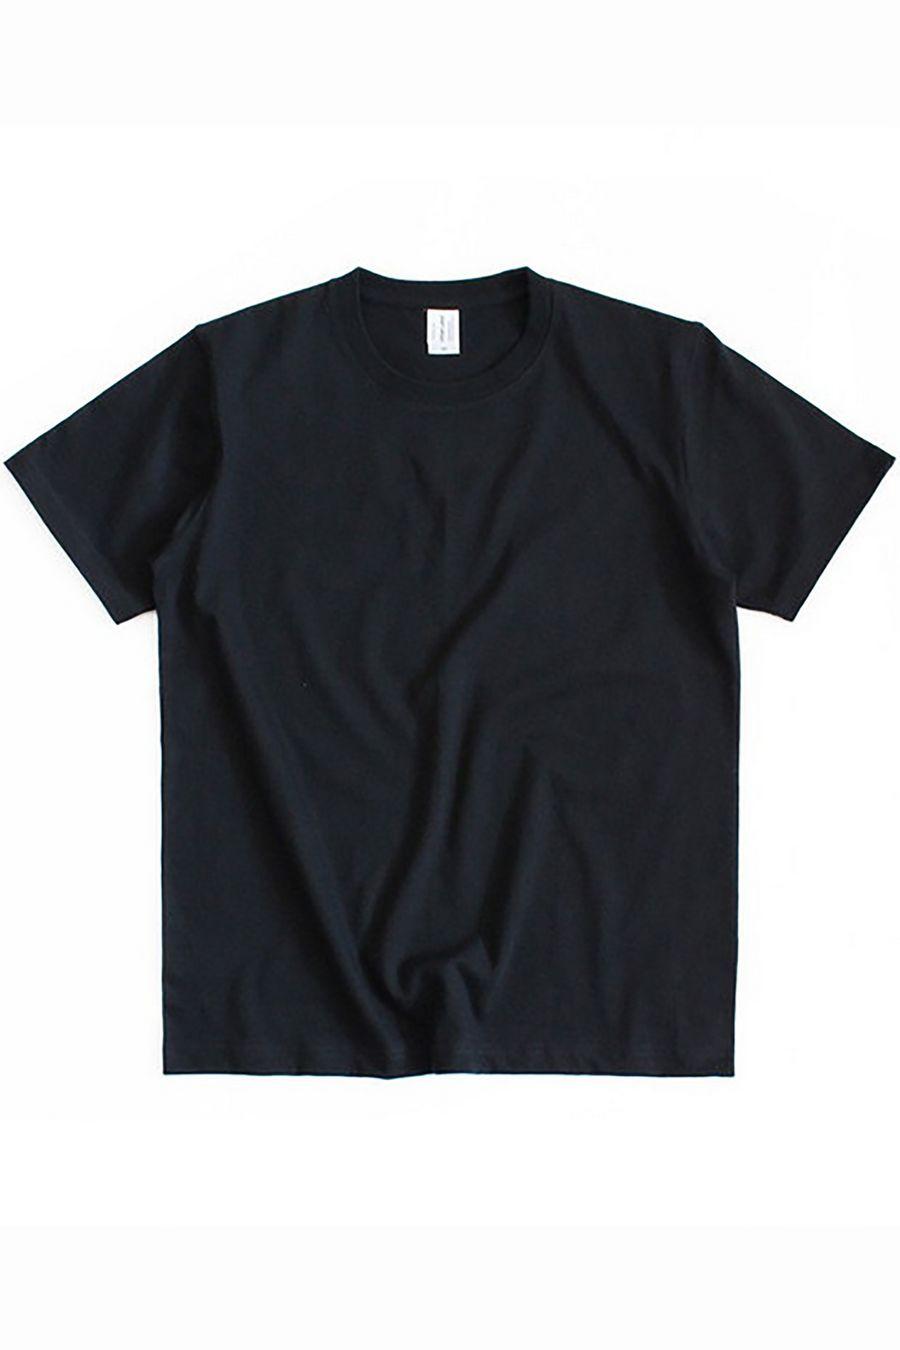 Футболка мужская к/р однотонная черная - фото 1